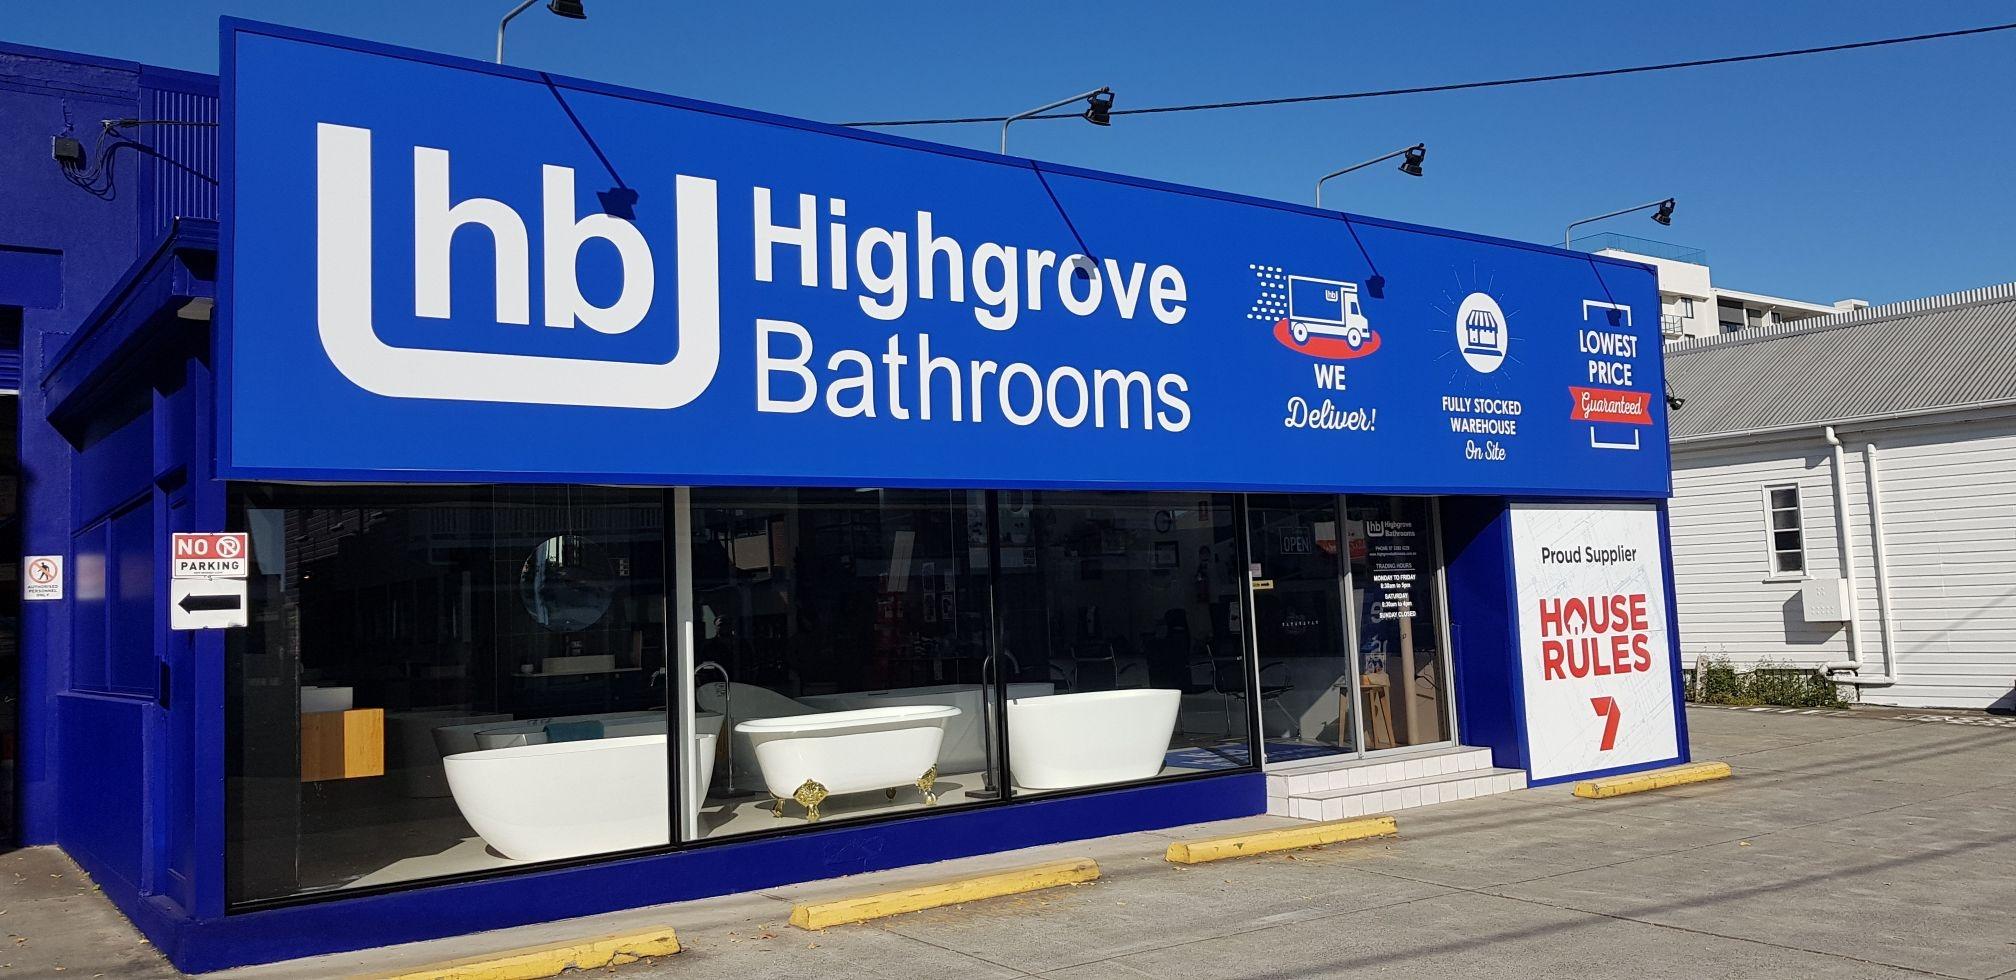 Highgrove Bathrooms - East Brisbane